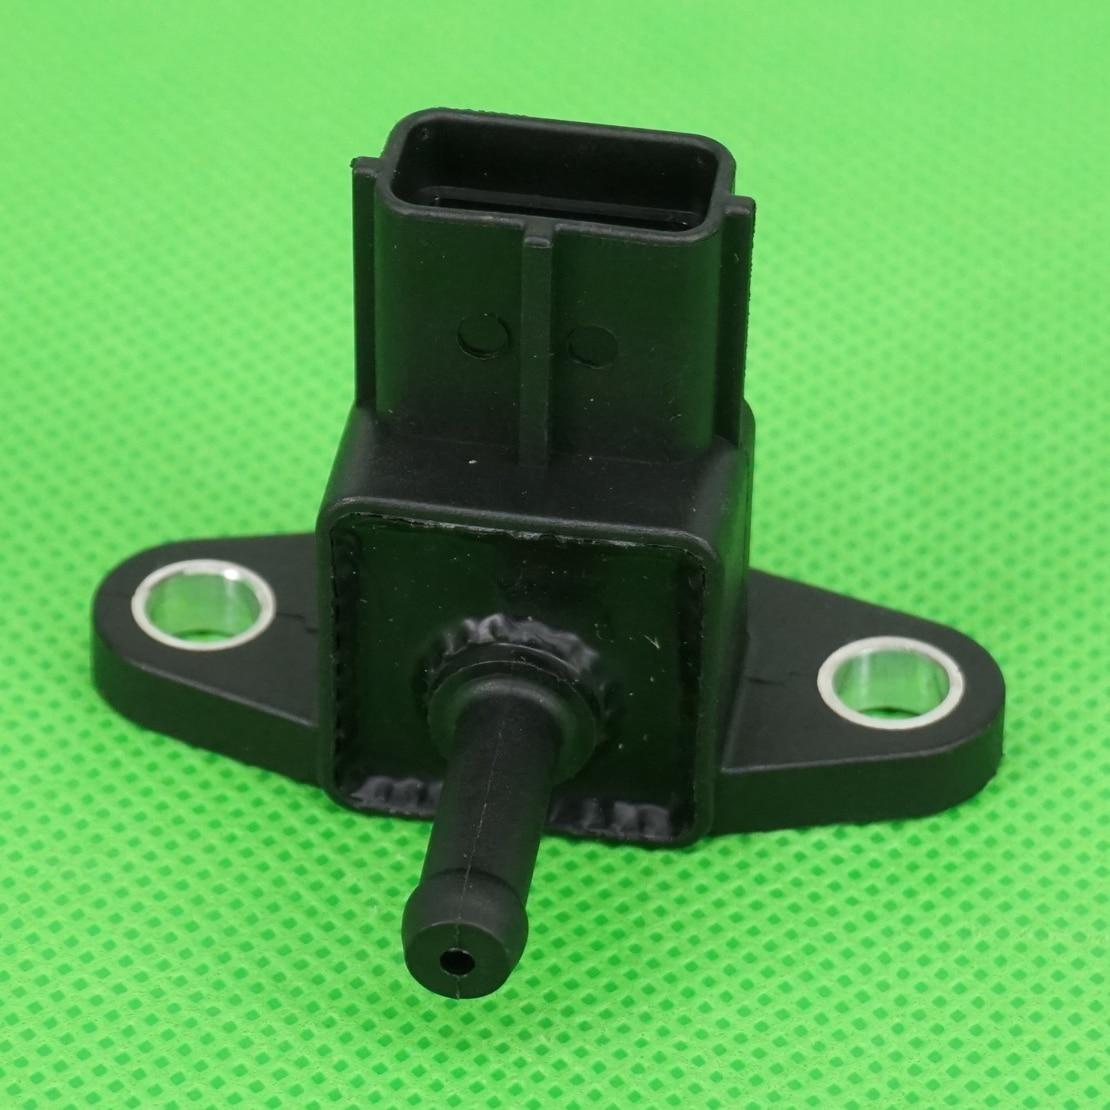 DWCX 3-контактный датчик карты двигателя 89421-60030 079800-3270 подходит для Toyota Hilux Surf Turbo Diesel 1KZ-TE